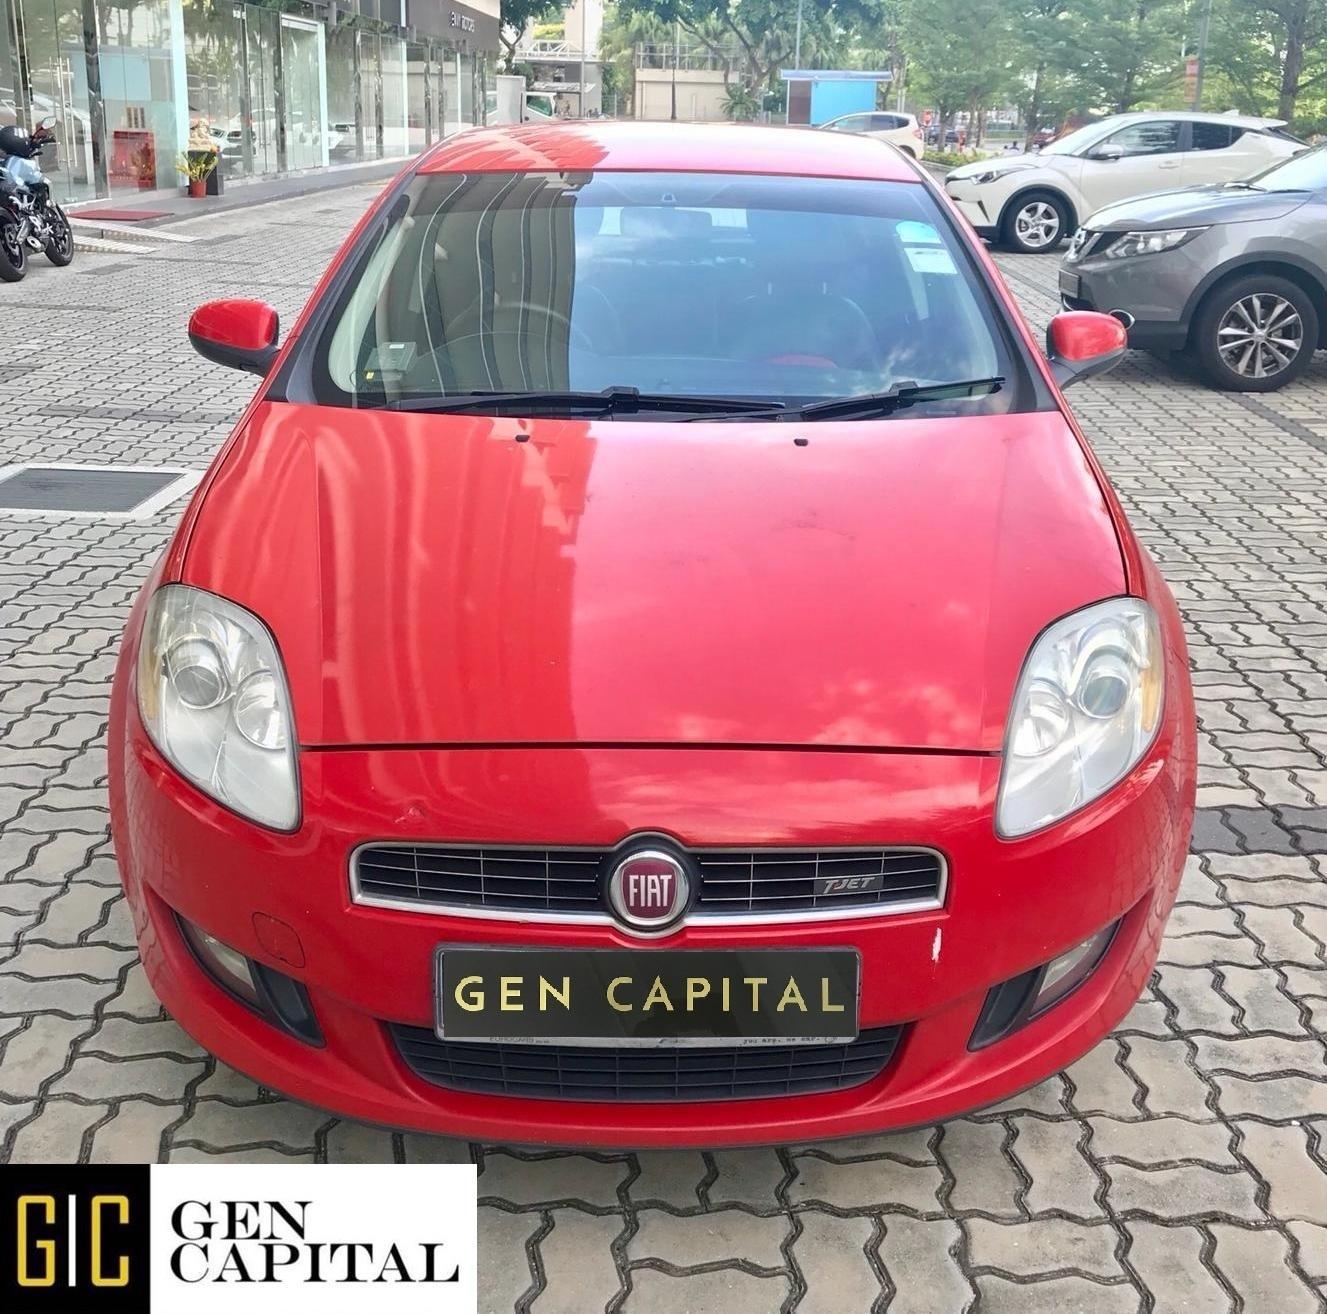 Volkswagen Polo 1.4A Grab Gojek Ryde Tada Friendly & Non PHV Car Rental